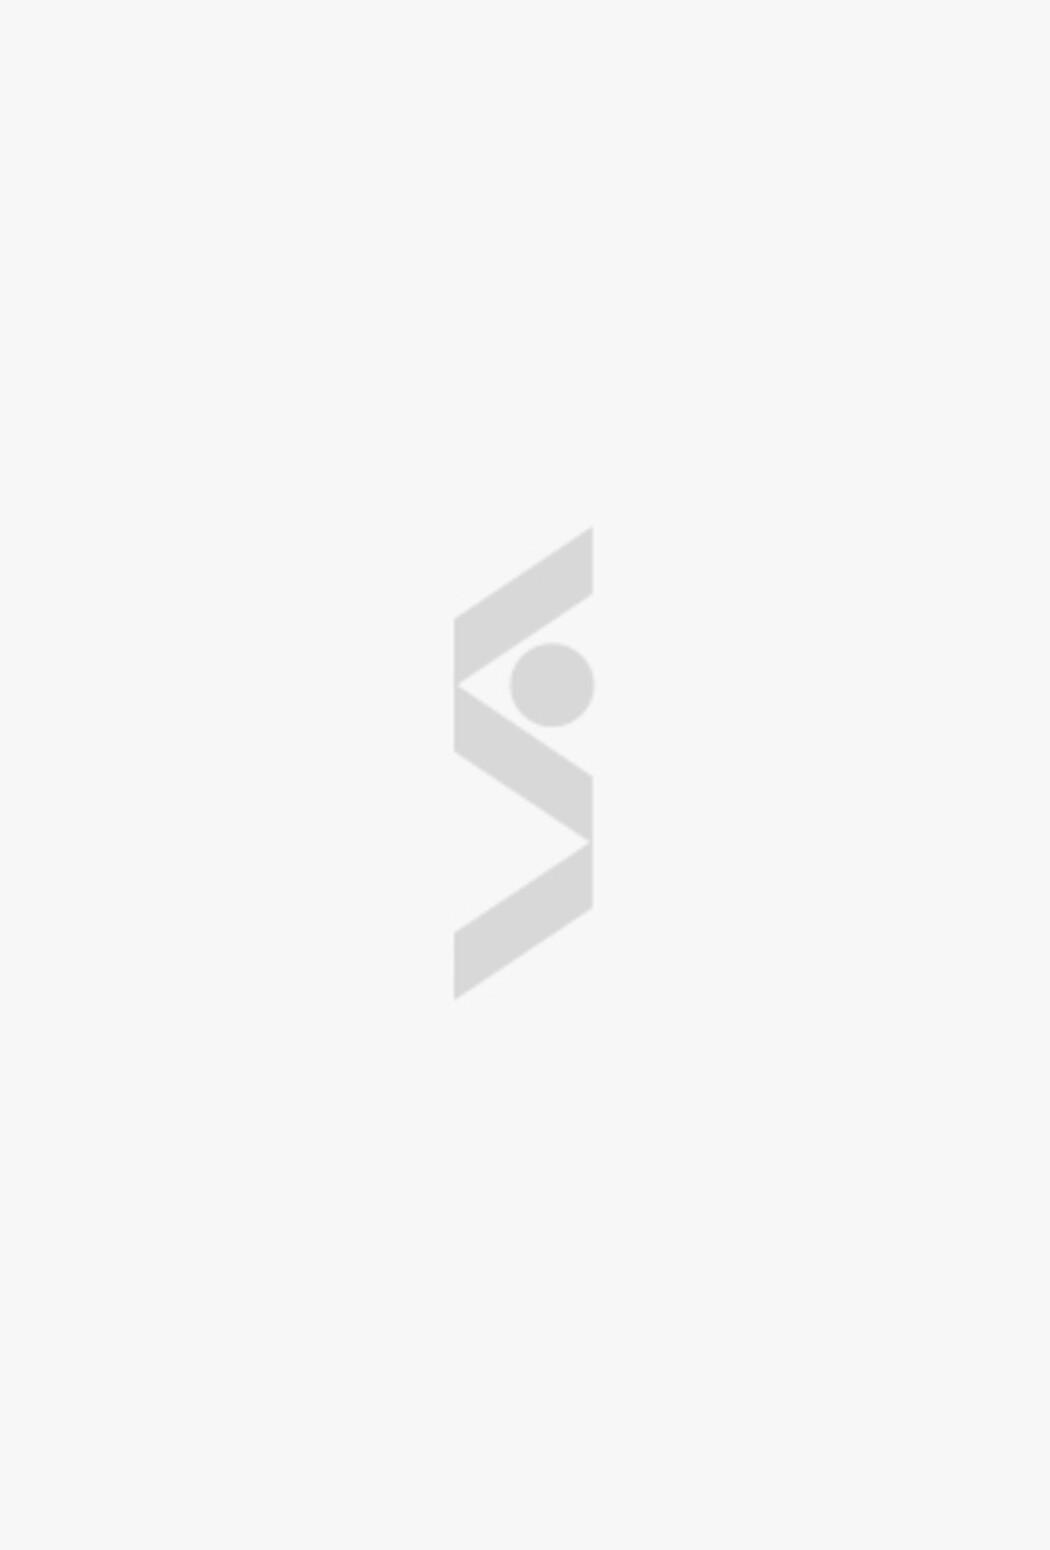 Купить весы напольные электронные в Краснодаре | Атлас ...